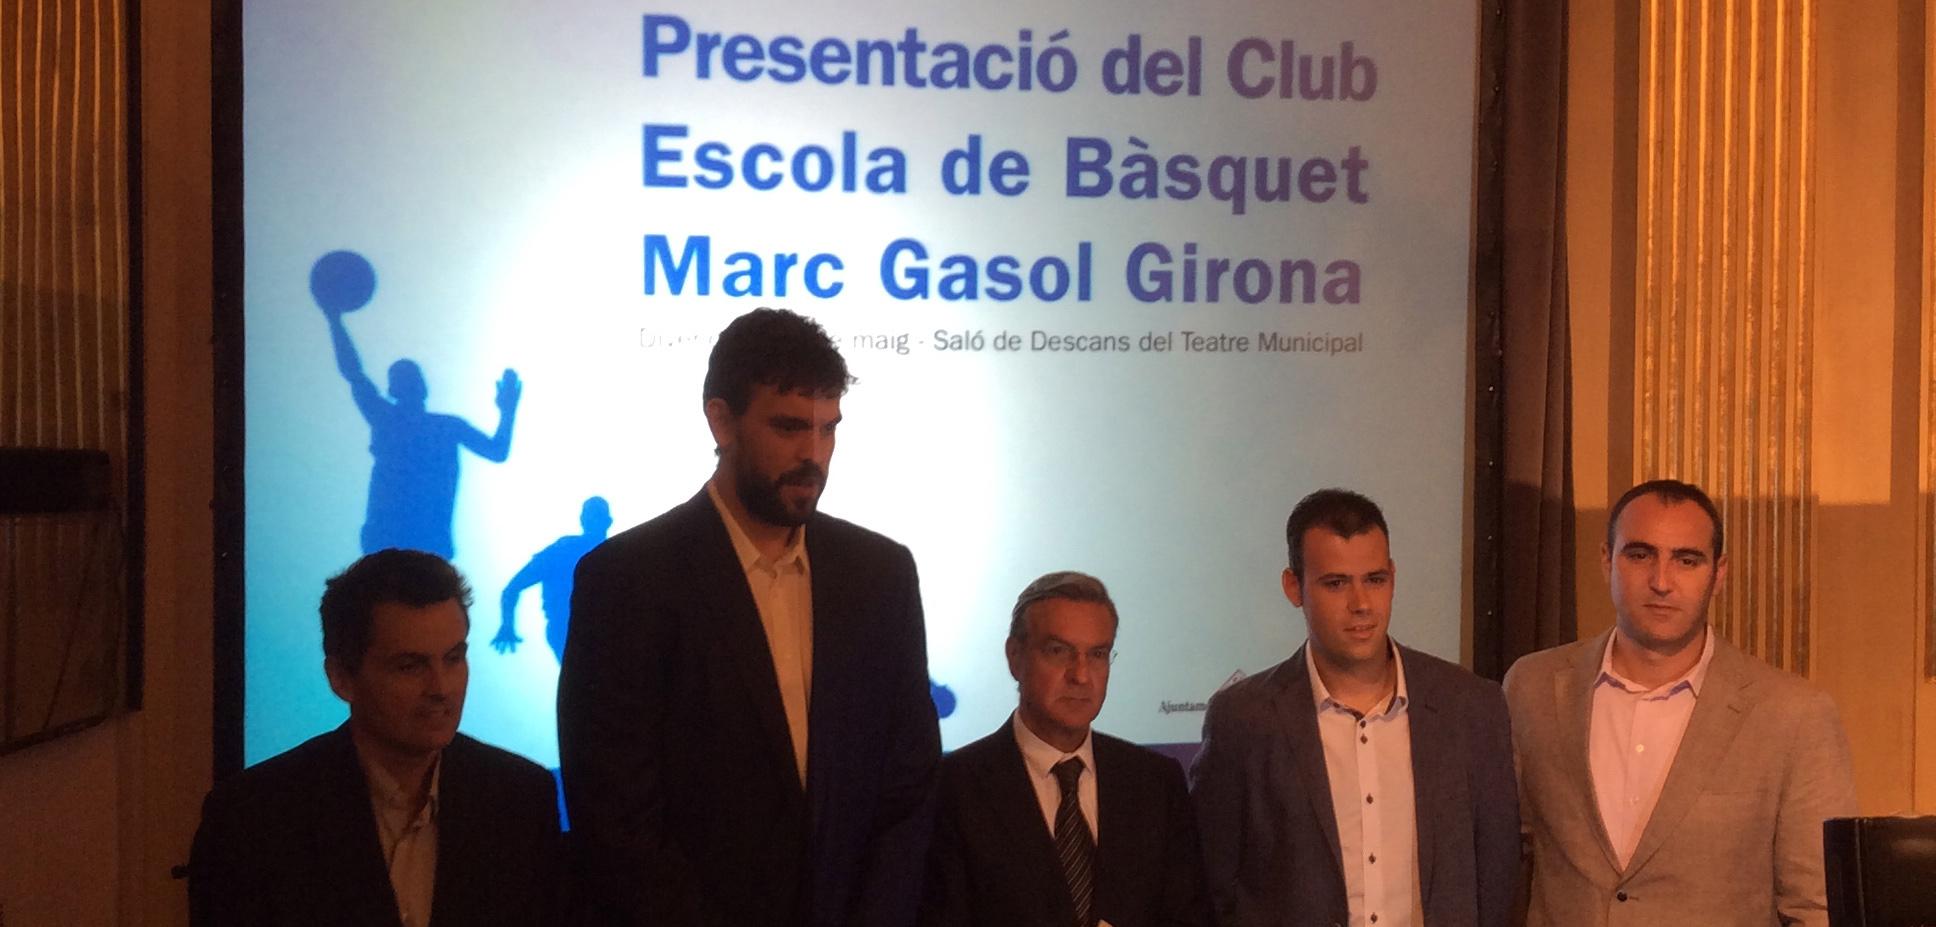 Imatge sobre la temporada del Club